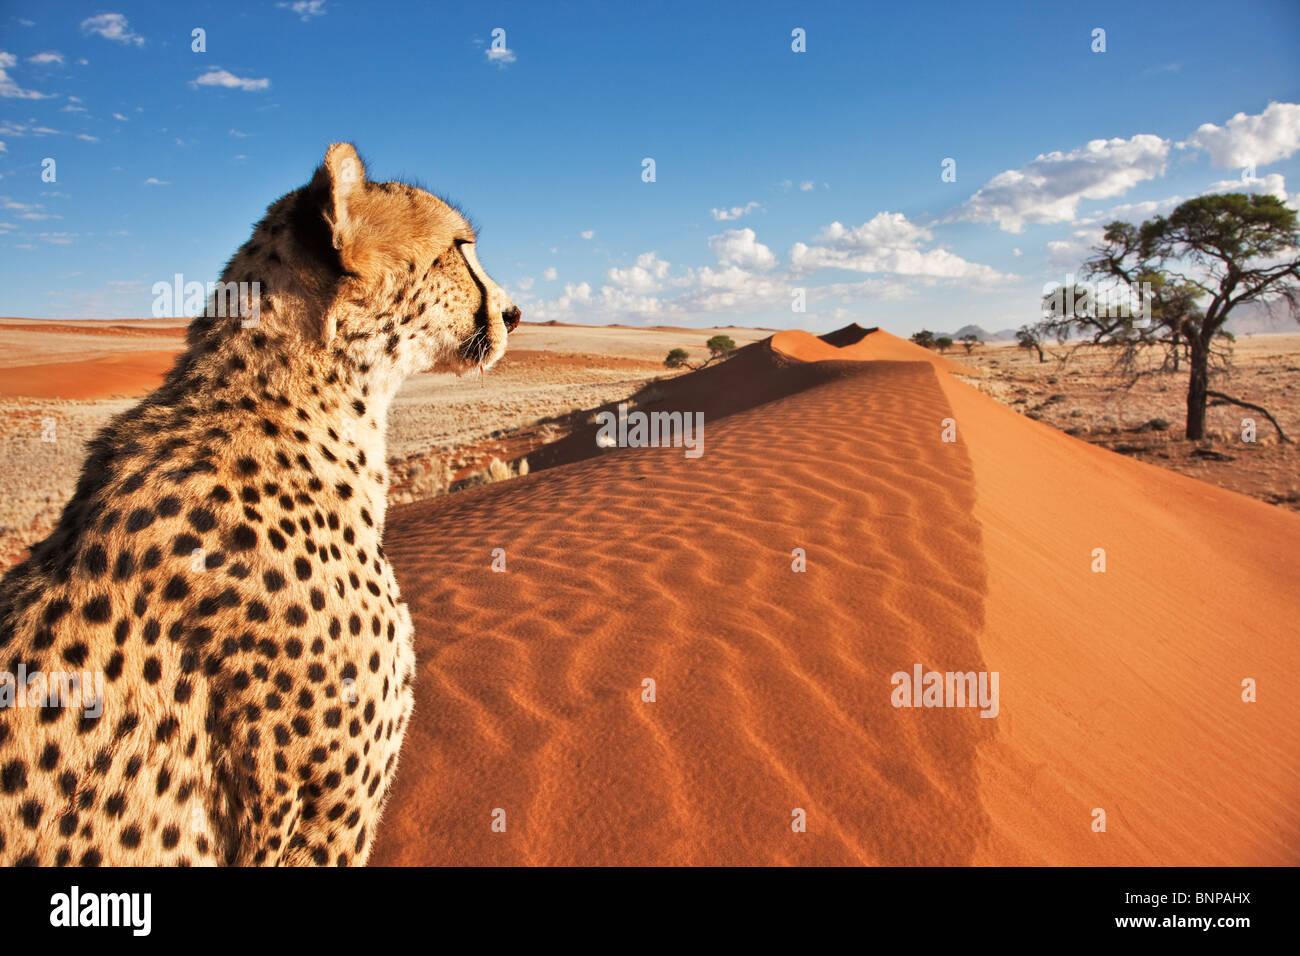 Guepardo (Acinonyx jubatus) con el paisaje del desierto en la parte trasera del terreno. Namibia. Imagen De Stock